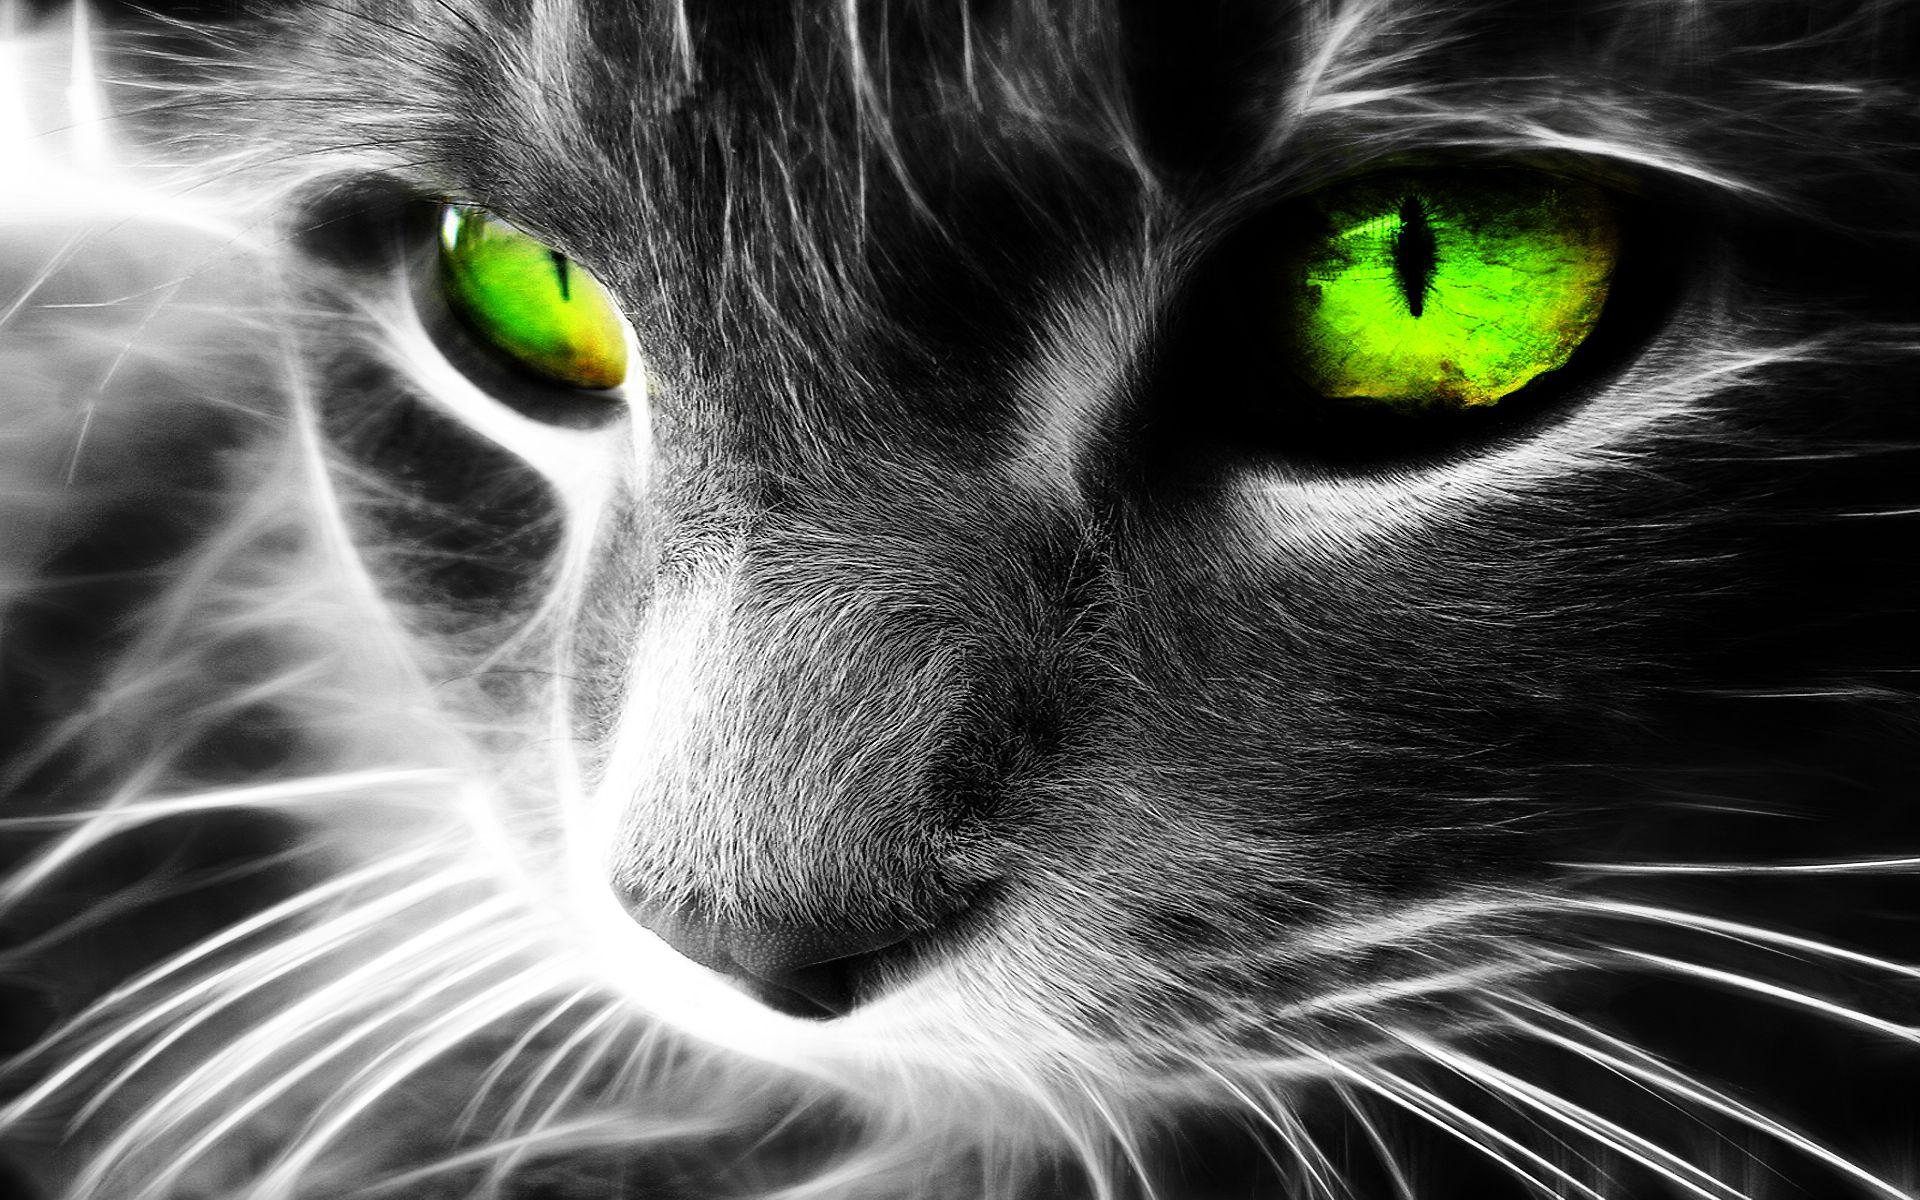 گربه سیاه با چشمان سبز